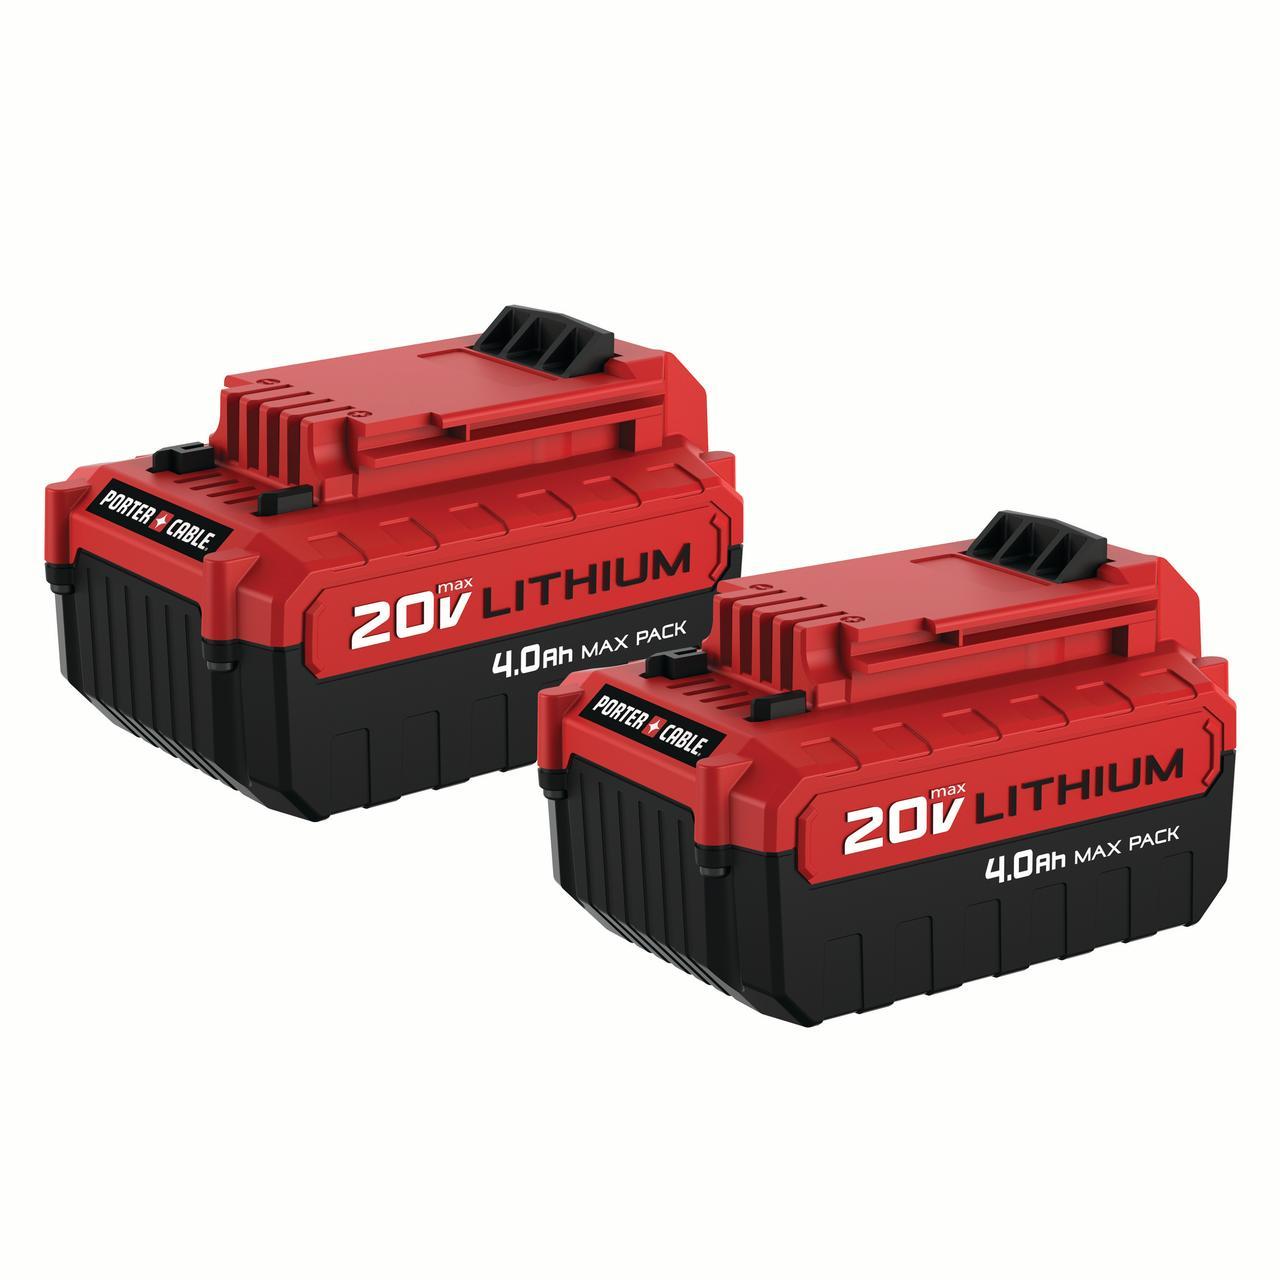 PORTER CABLE 20-Volt 4.0-Amp Max Lithium-Ion Batteries, 2-Pack, PCC685LP